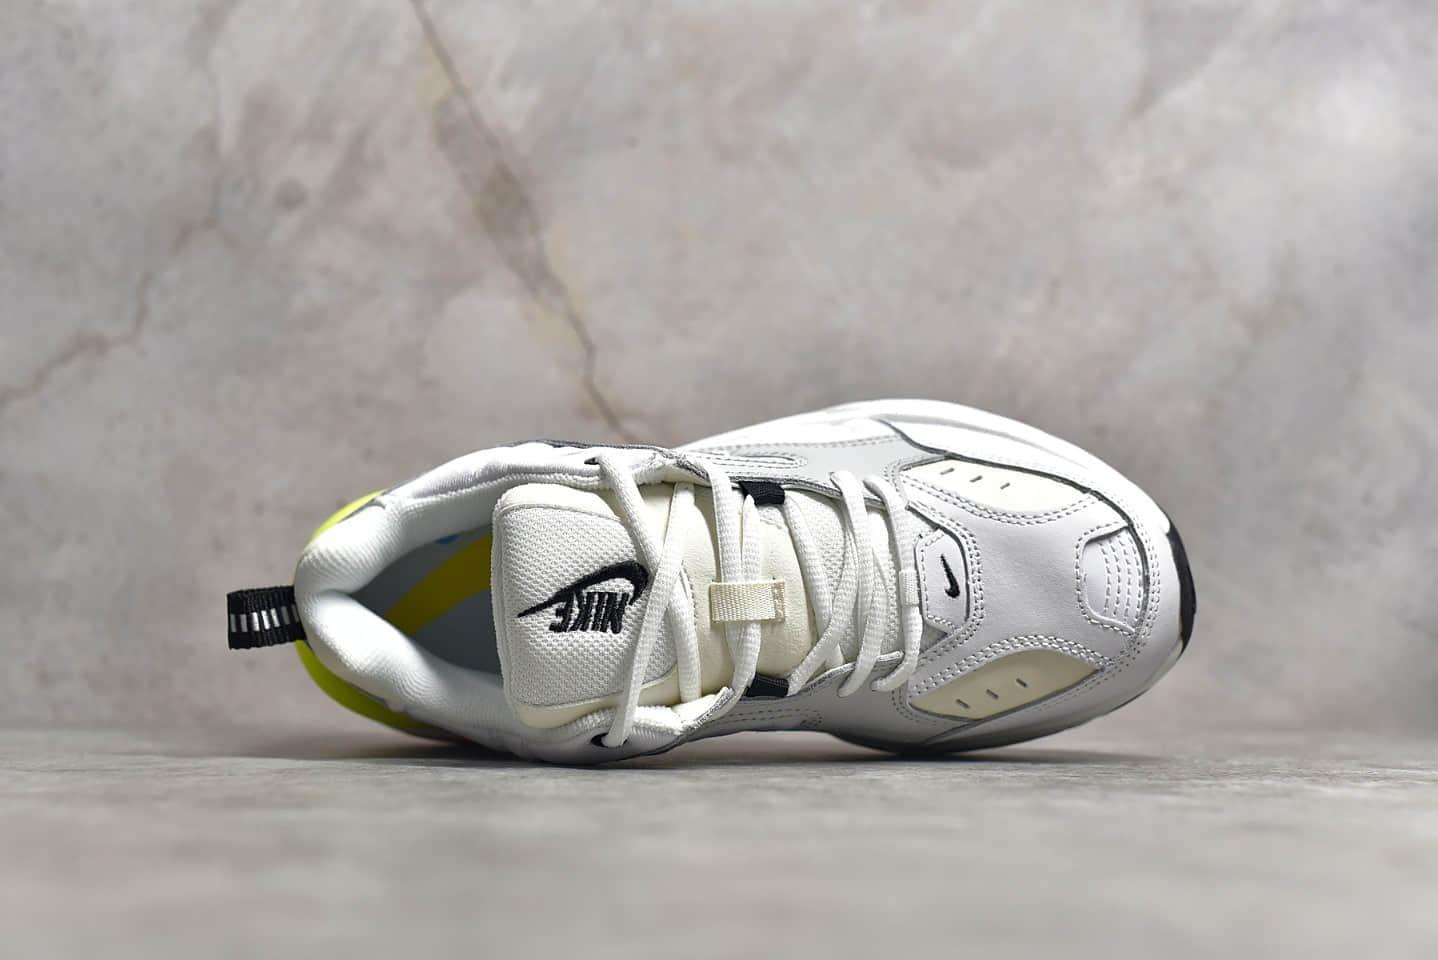 耐克M2K跑鞋 耐克白色老爹鞋 NIKE M2K Tekno 耐克过验版本过毒 货号:AV4789-004-潮流者之家